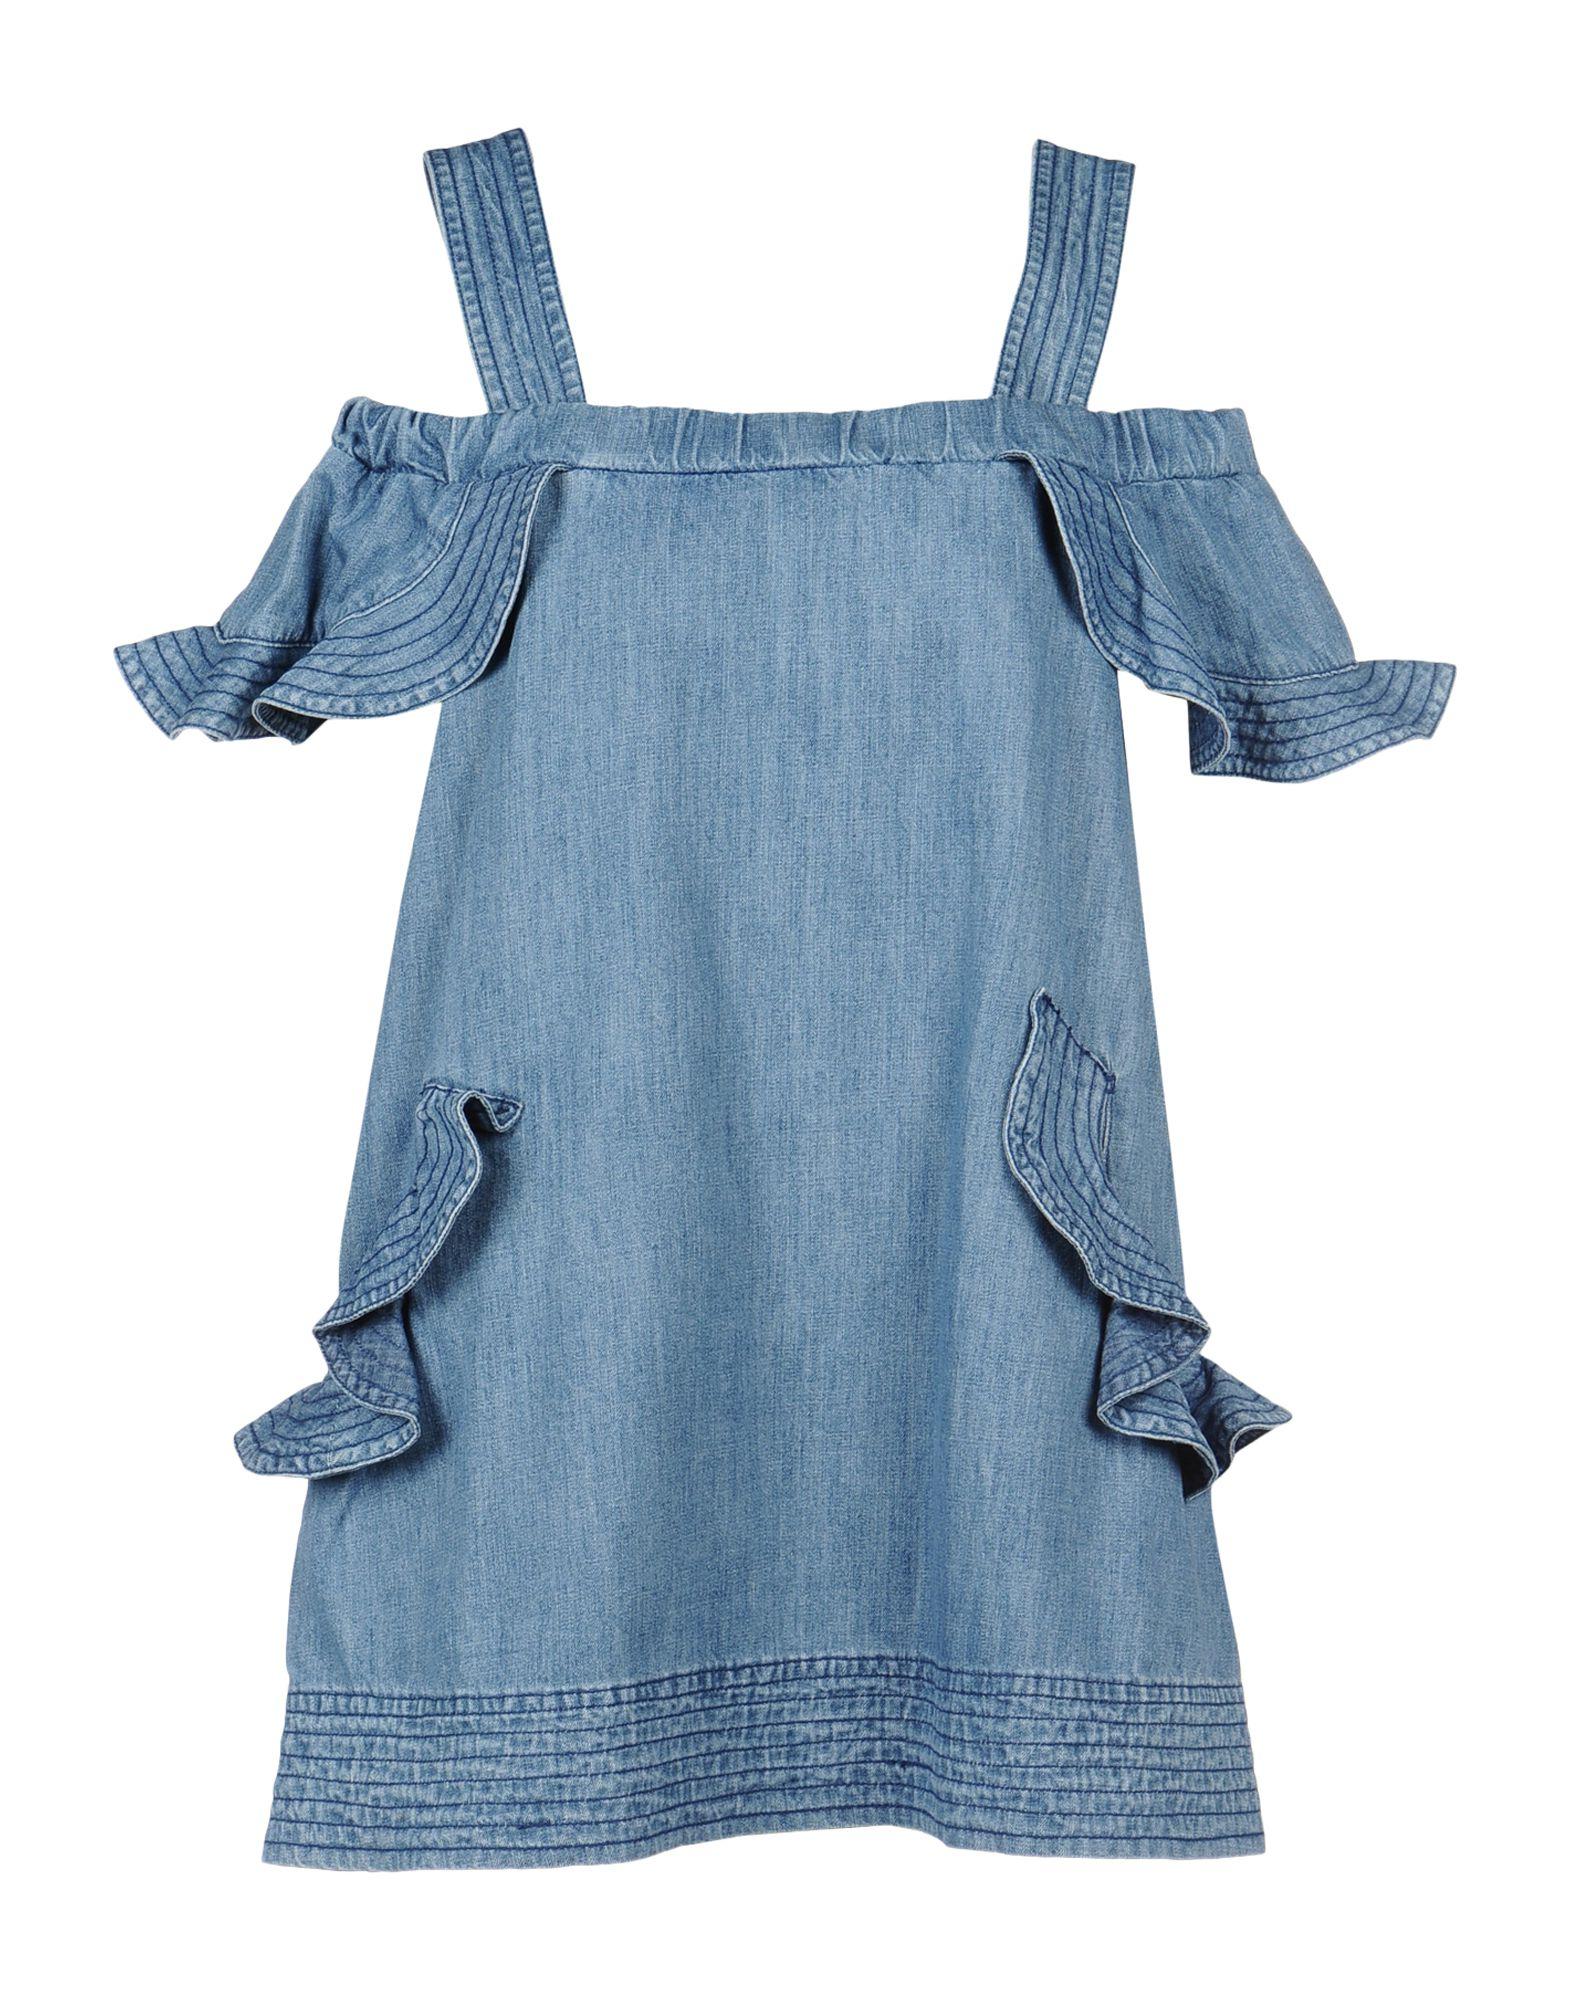 《期間限定セール中》LUCKY CHOUETTE レディース ミニワンピース&ドレス ブルー 36 コットン 100%